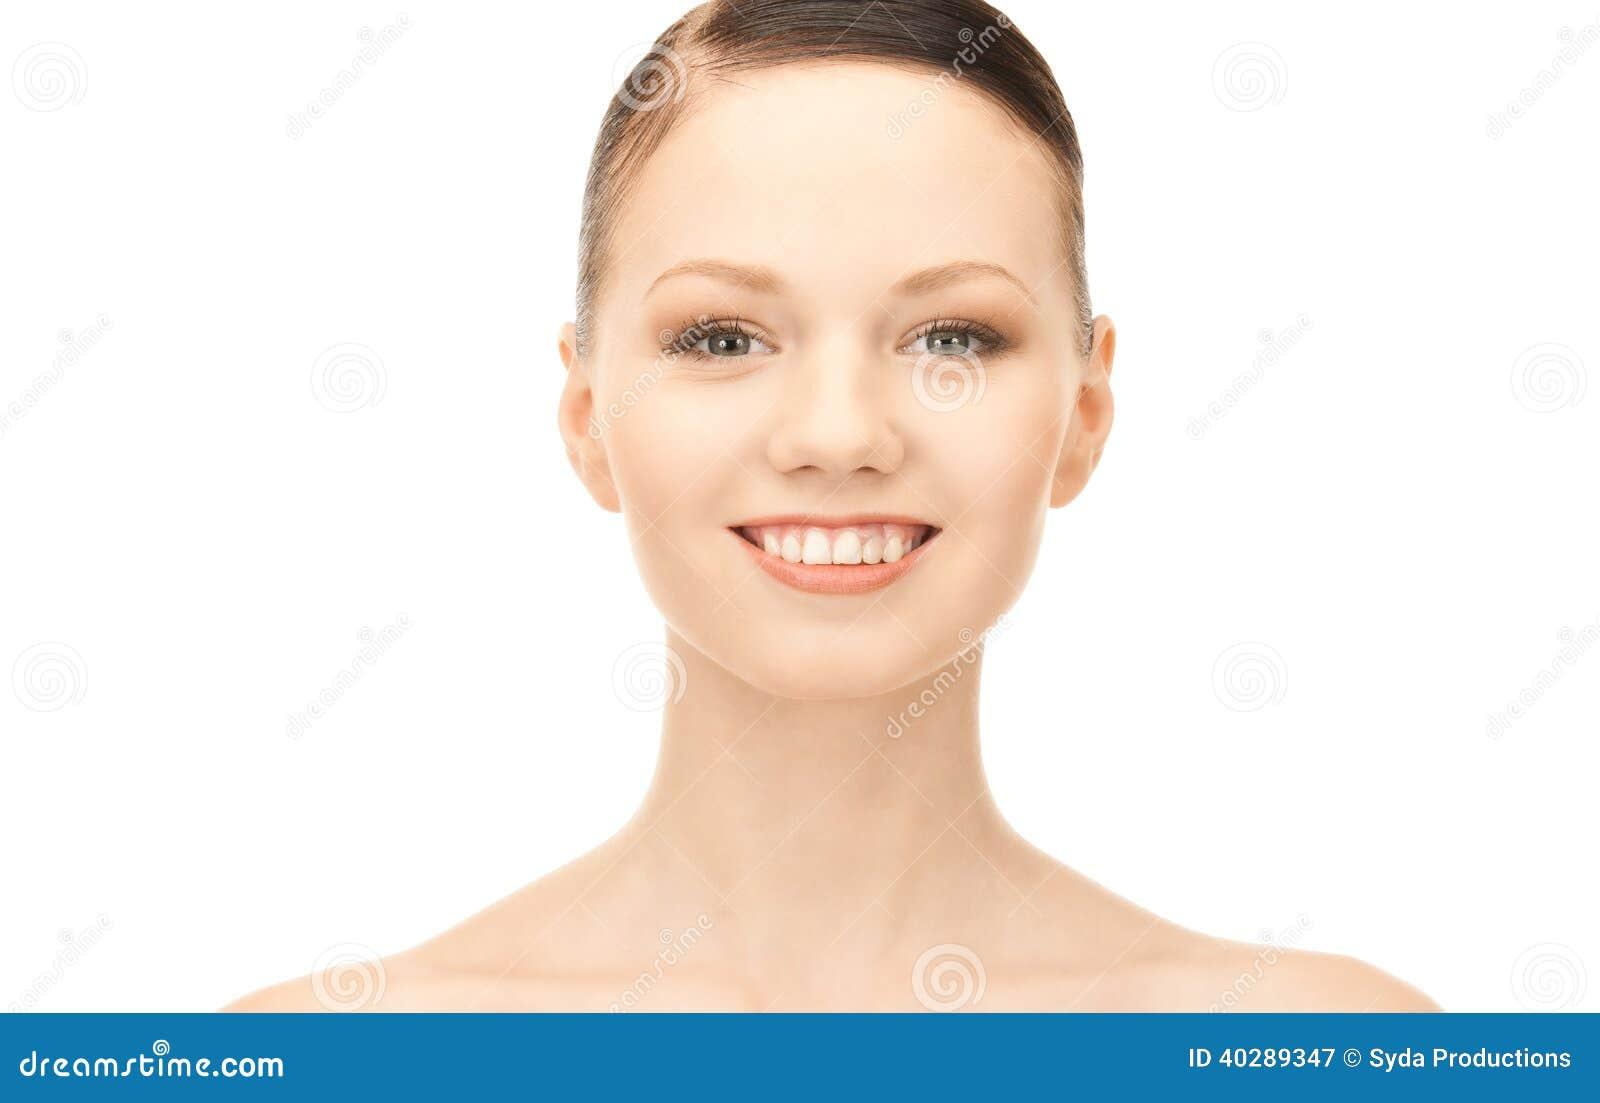 Симпатичная женщина